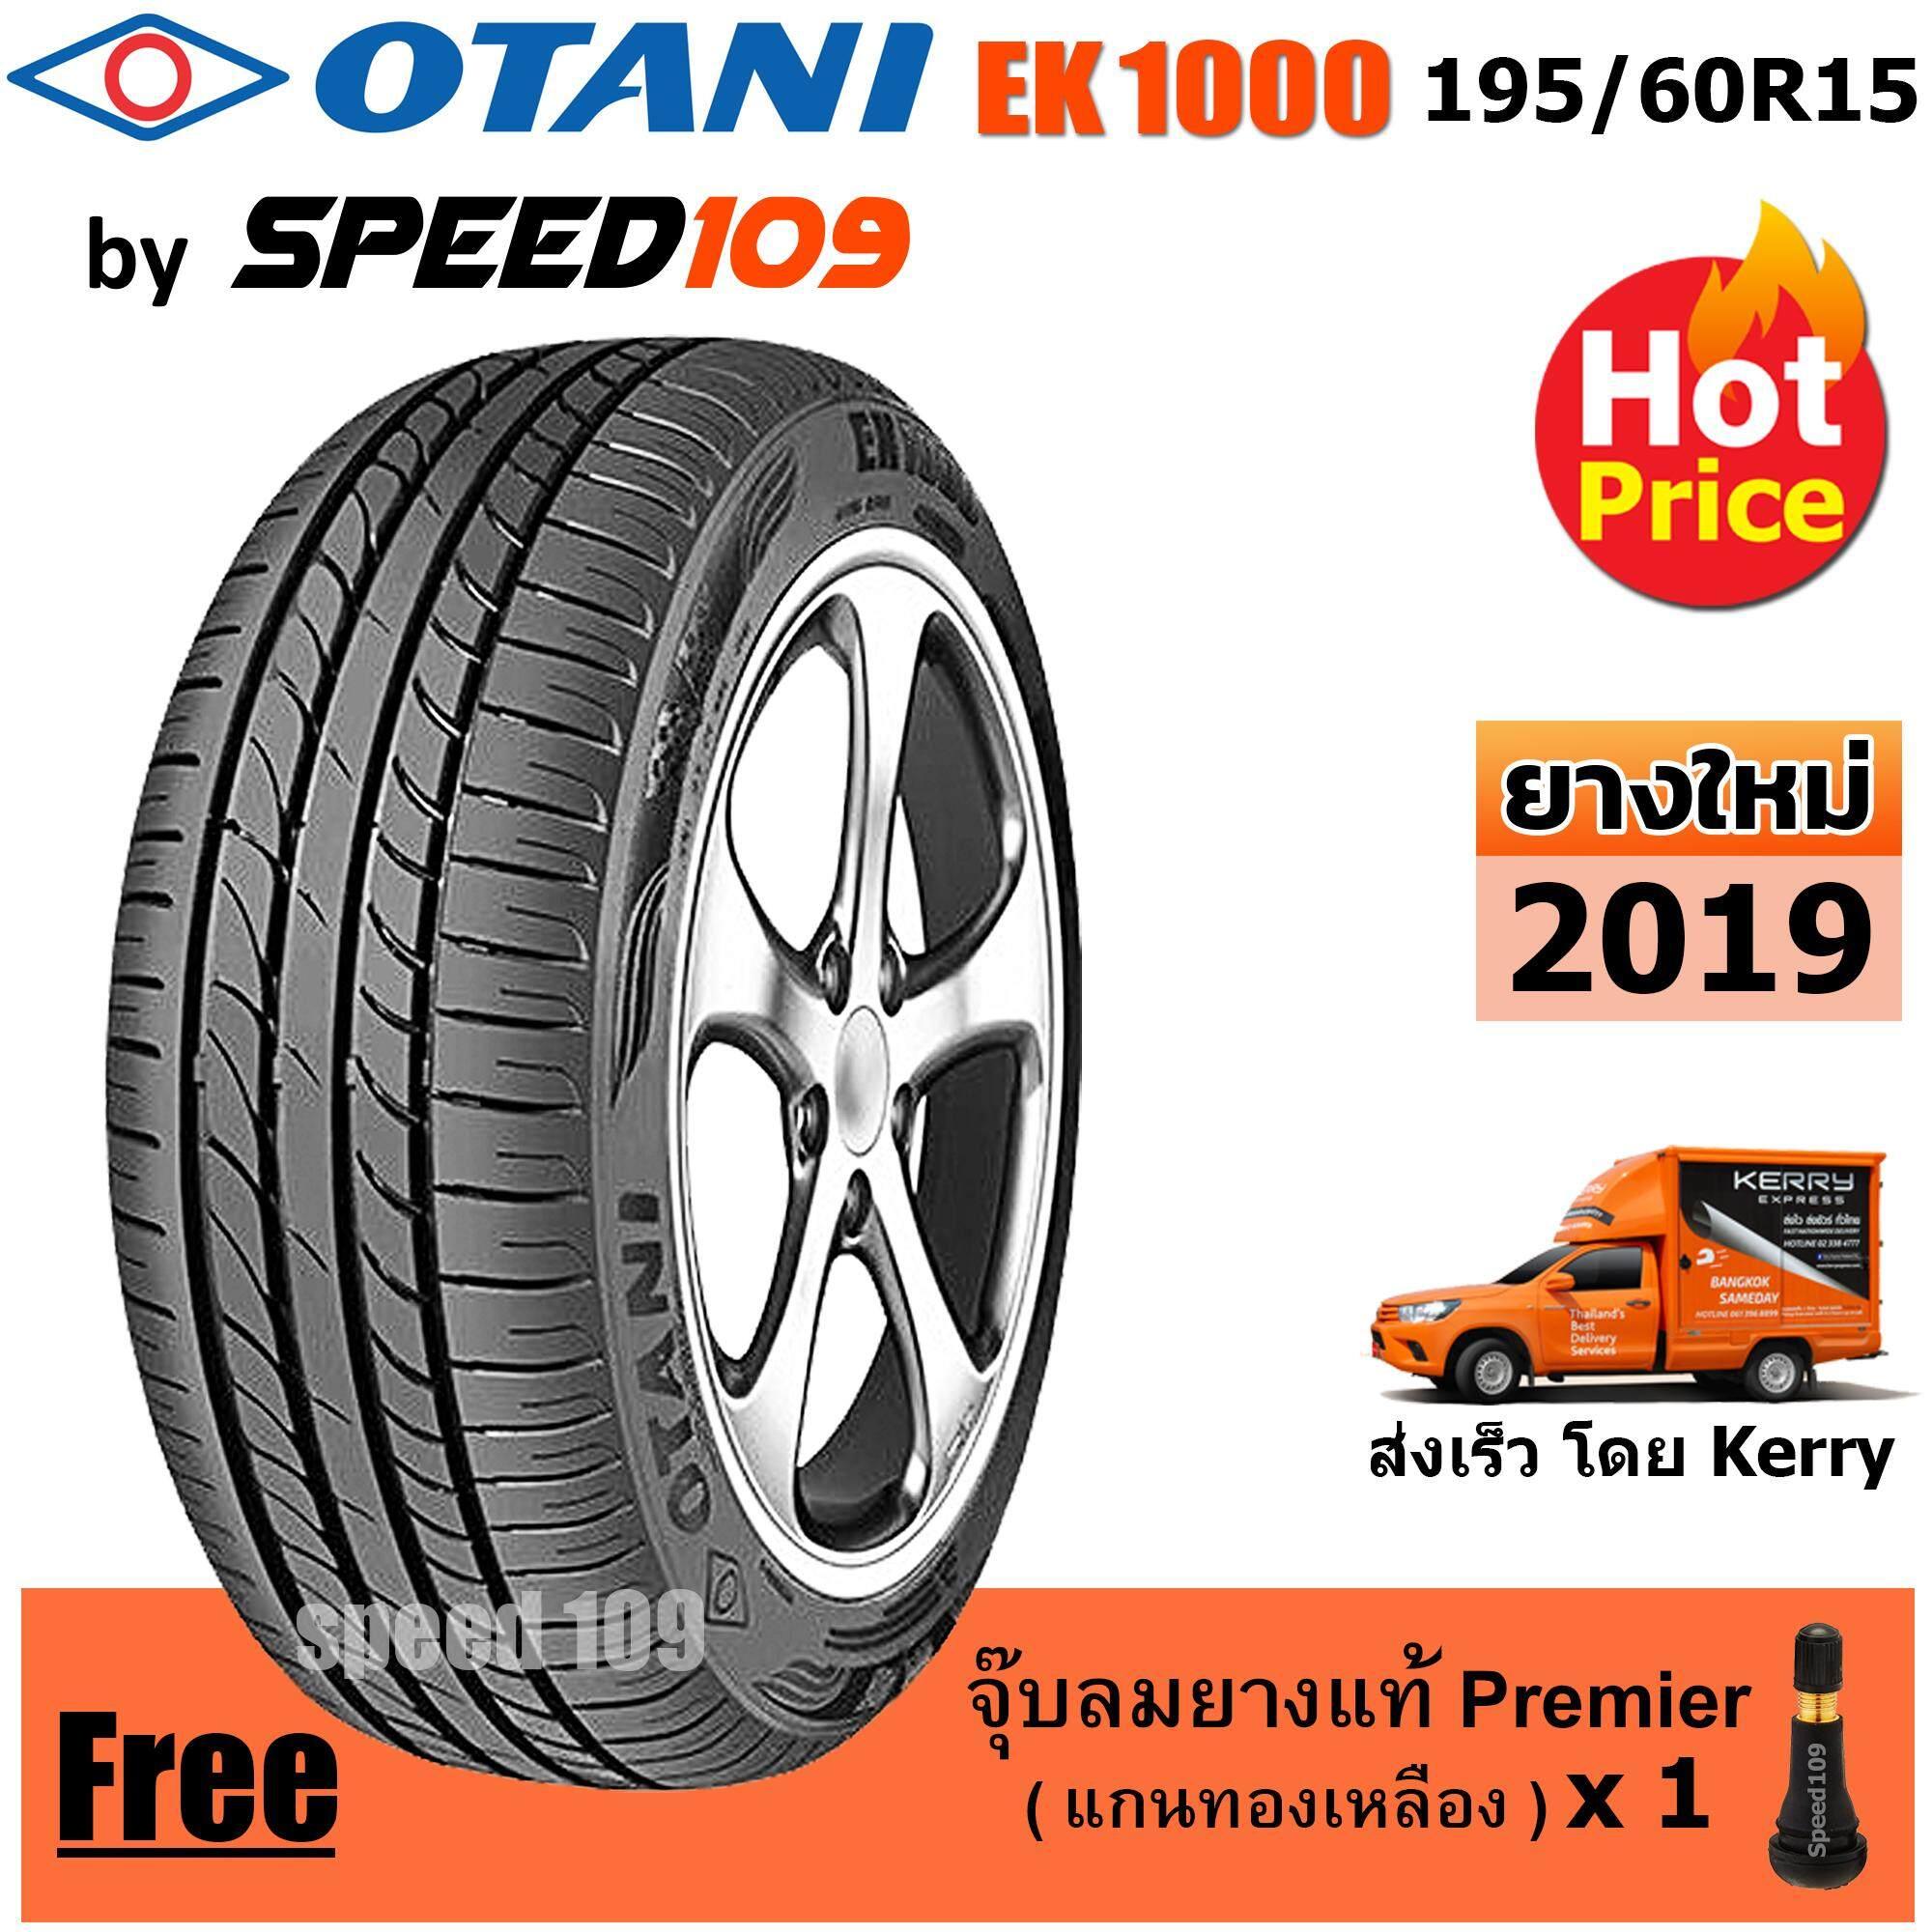 ประกันภัย รถยนต์ 3 พลัส ราคา ถูก สิงห์บุรี OTANI ยางรถยนต์ ขอบ 15 ขนาด 195/60R15 รุ่น EK1000 - 1 เส้น (ปี 2019)